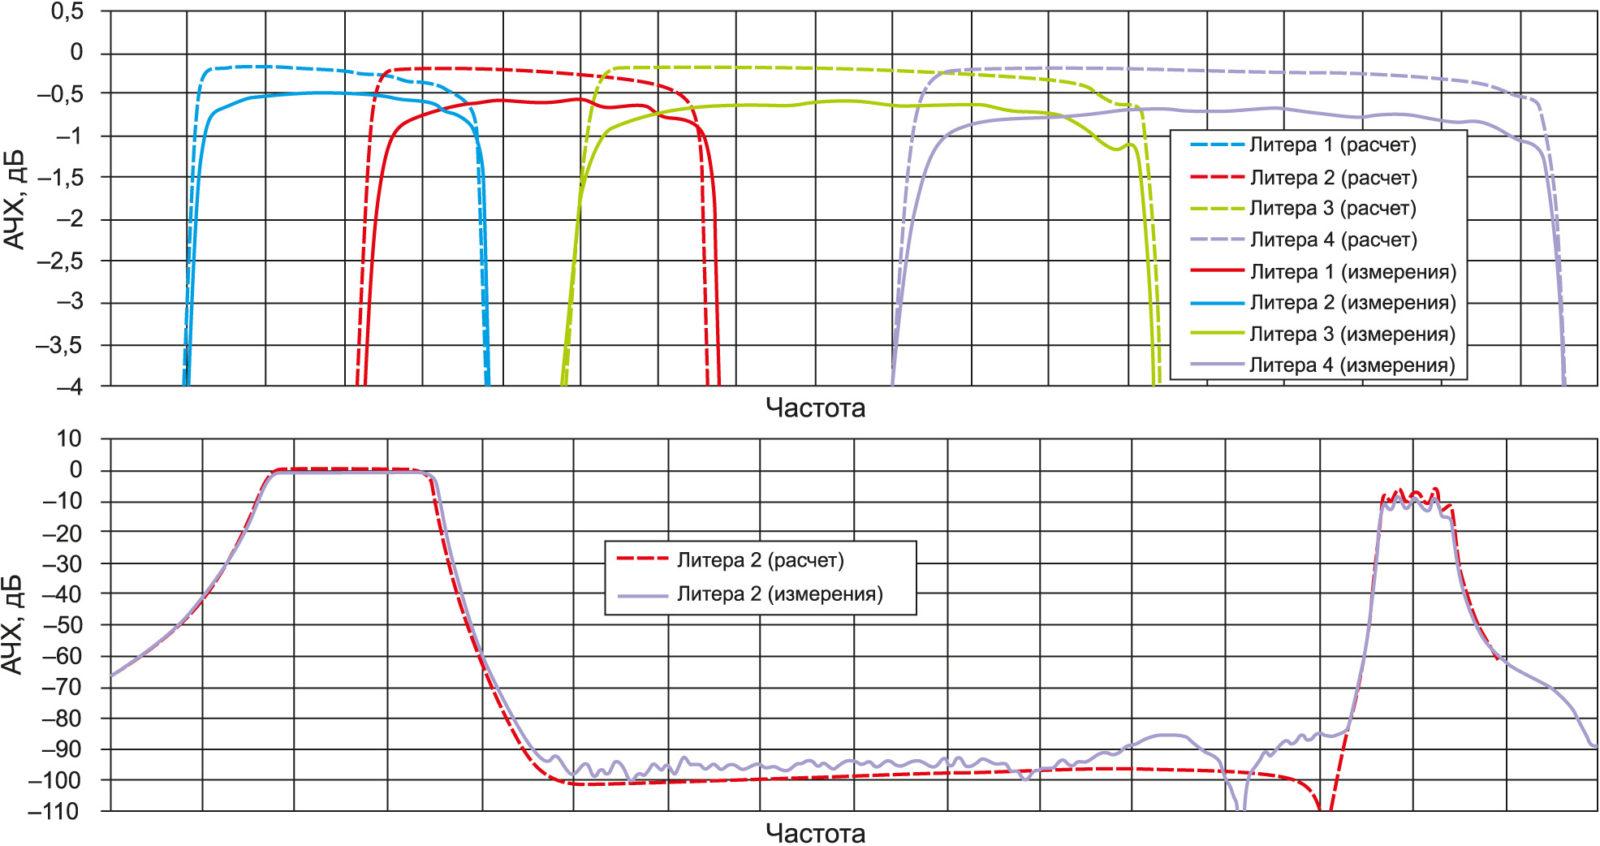 Сравнение расчетных и измеренных характеристик ВГФ четырех литер. Приведены результаты измерений без учета потерь в контактных устройствах